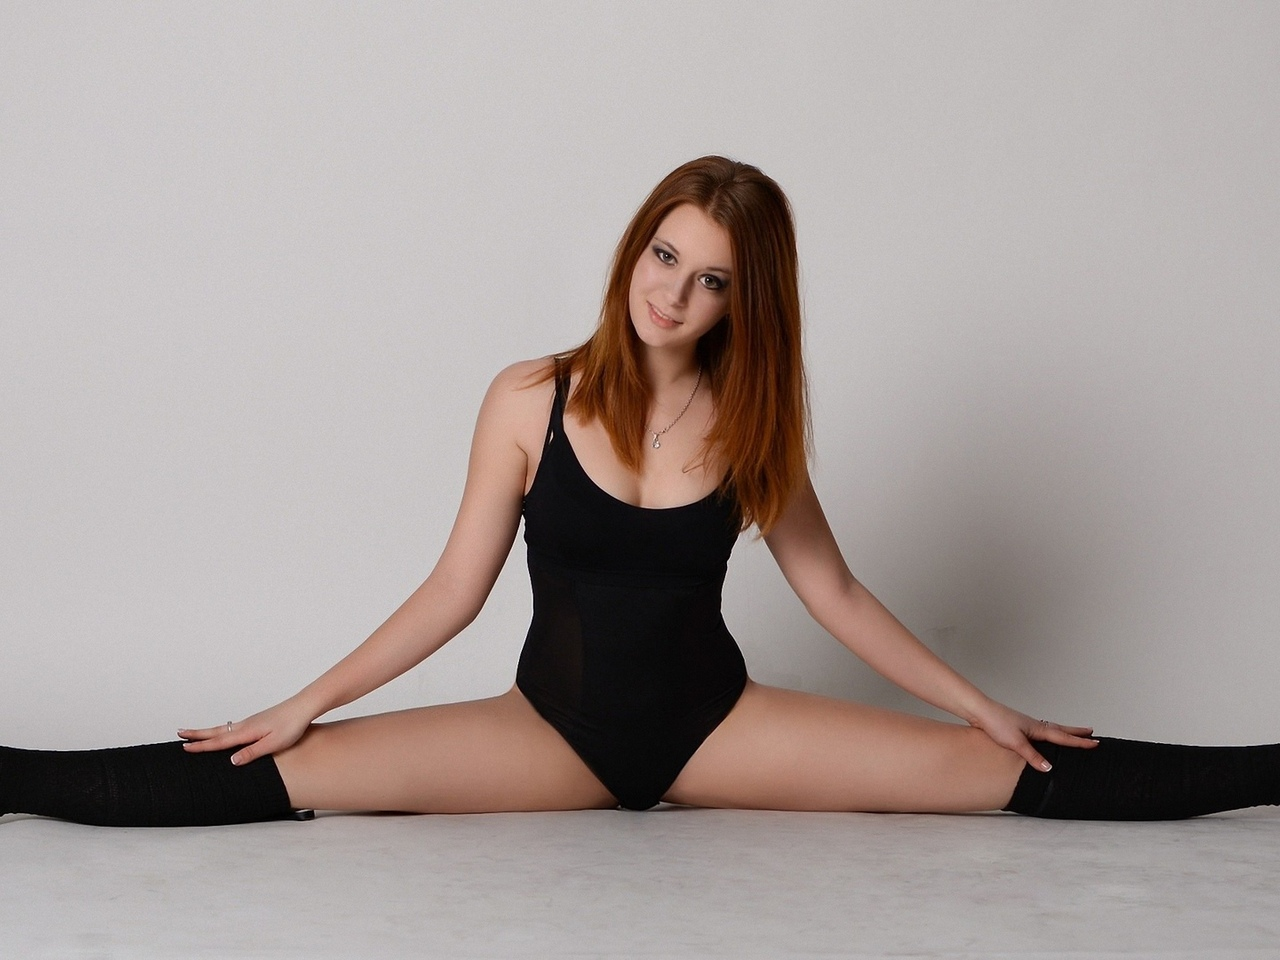 девушка, модель, позирует, балет